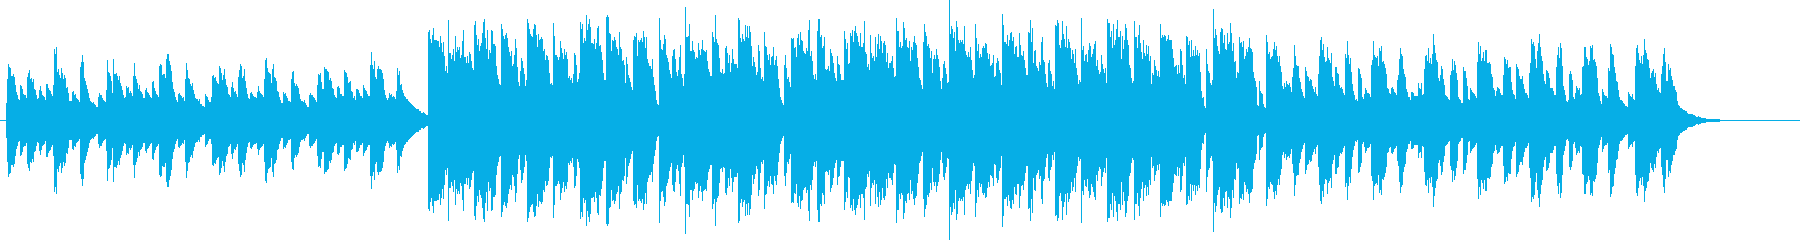 キラキラカワイイサウンドでエモい曲の再生済みの波形